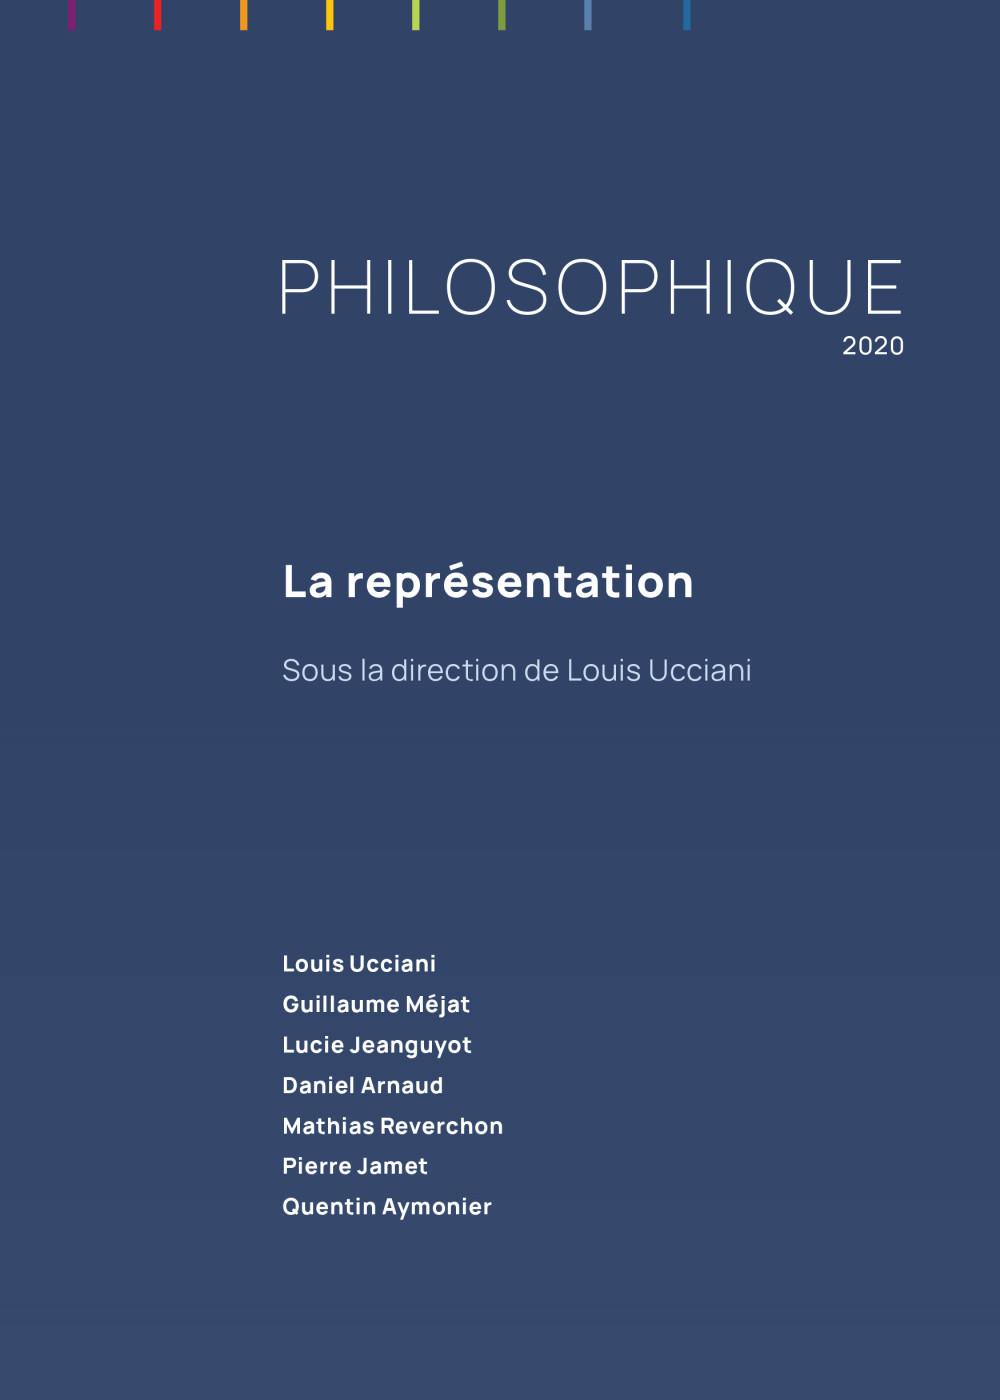 representation_philosophique-2020_couverture